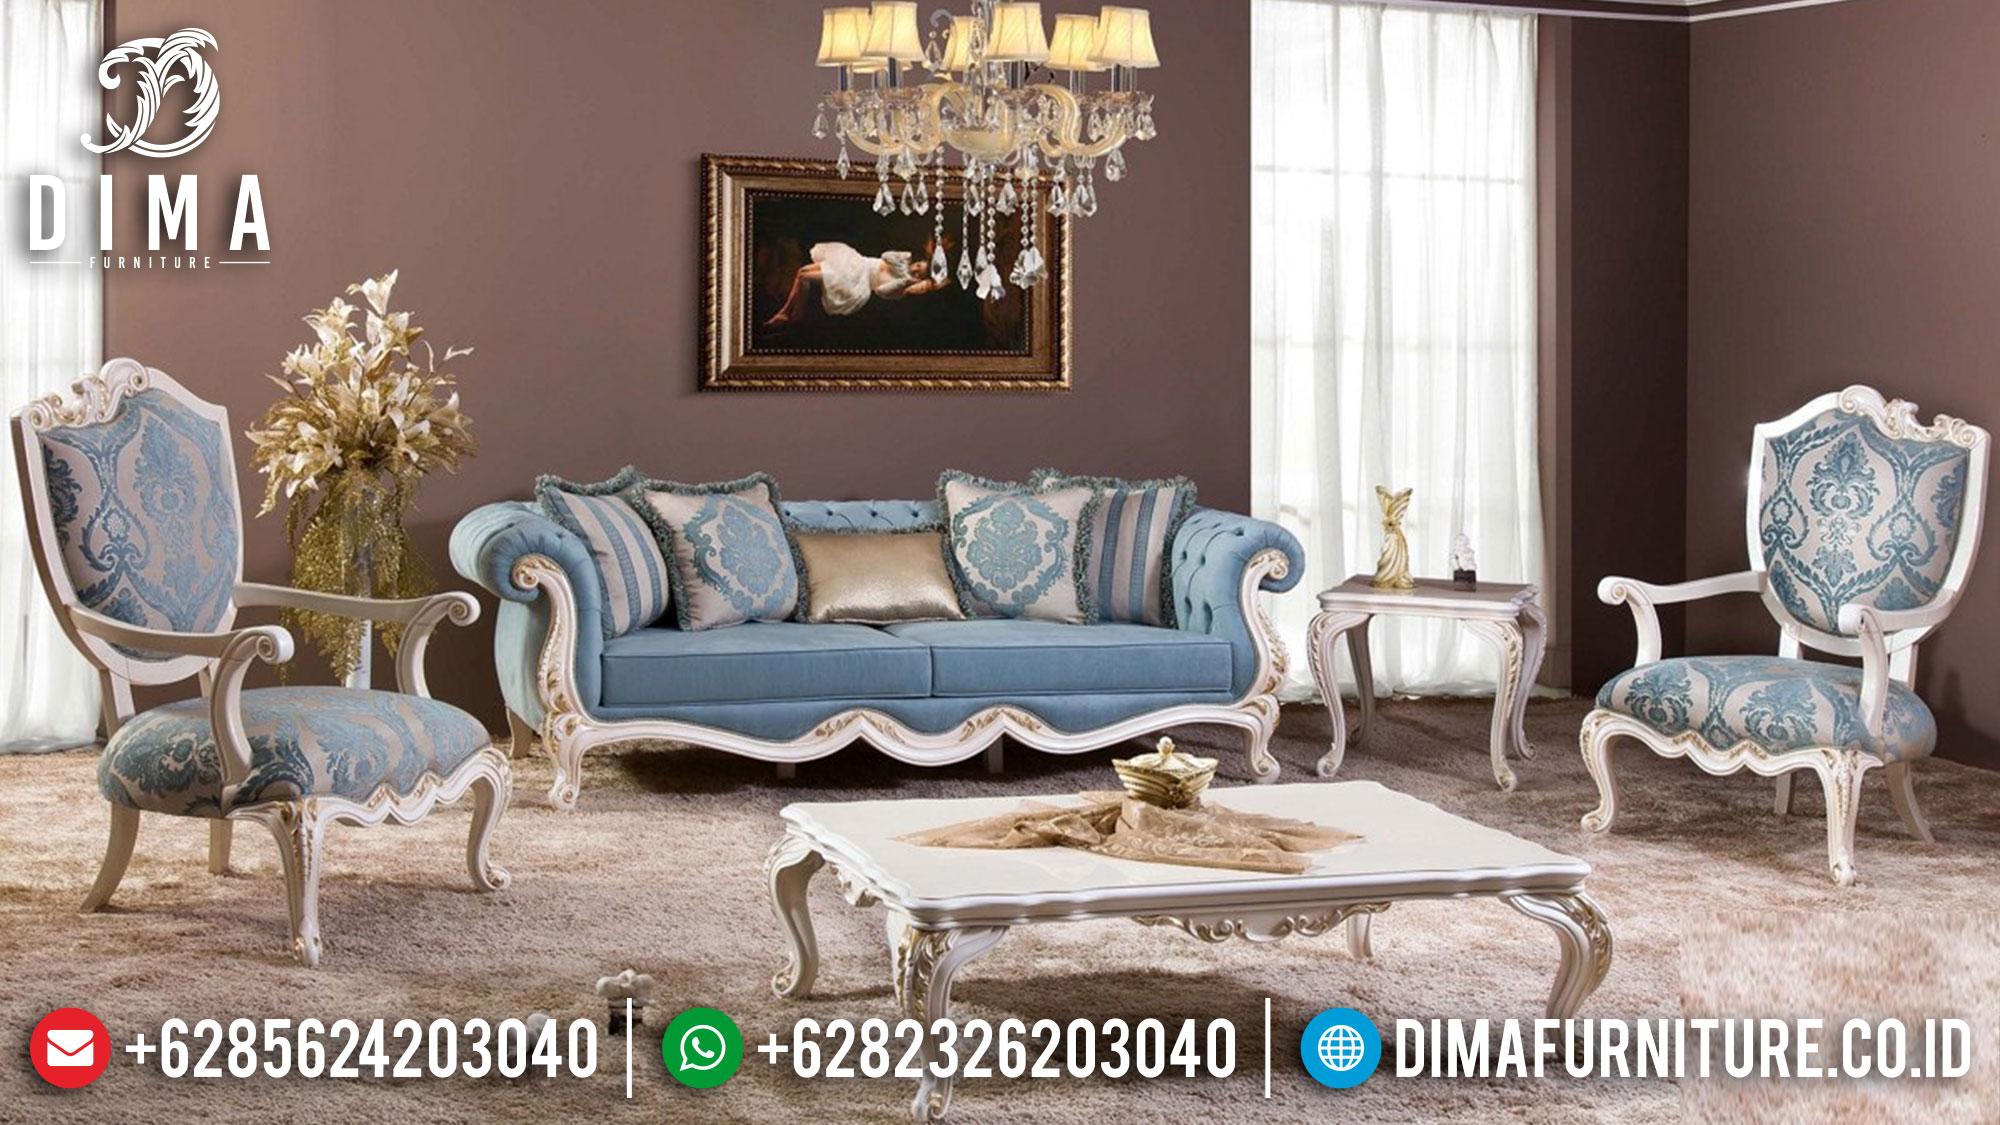 For Sale Sofa Mewah Ruang Tamu Luxury Classic Jepara Termewah TTJ-1488